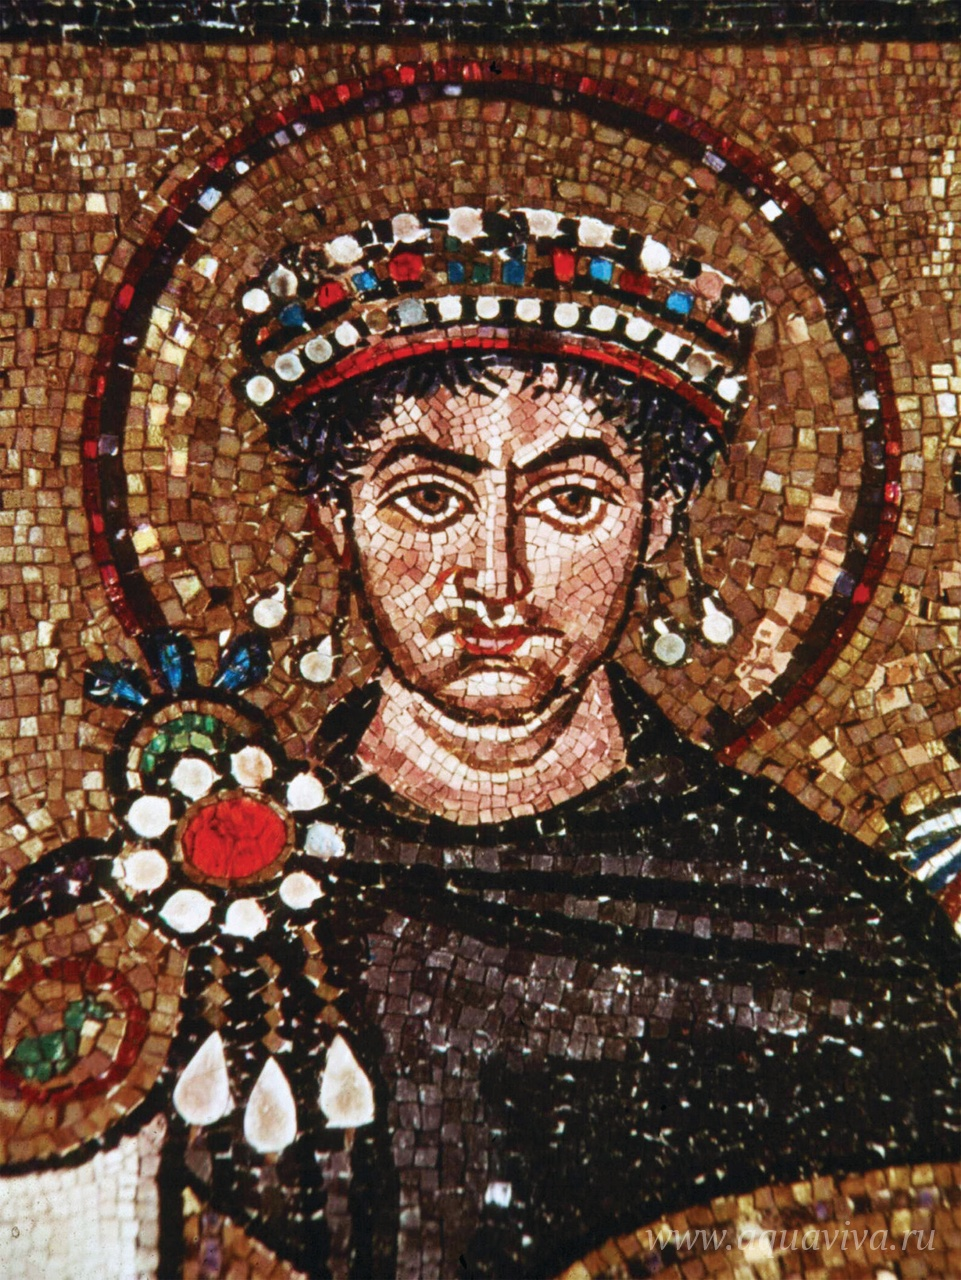 Юстиниан I — византийский император в 527–565 годах, ставивший перед собой задачу восстановления Римской империи. На Западе ему удалось завладеть Апеннинским полуостровом, юго-восточной частью Пиренейского полуострова и частью Северной Африки. Юстиниан был крупнейшим богословом своего времени, в его царствование был проведен V Вселенский Собор, осудивший оригенизм и многие другие ереси. В своде законов, составленных по приказу Юстиниана (Corpus iuris civilis) впервые появляется термин «патриарх». Именно этому императору принадлежит идея «пентархии».